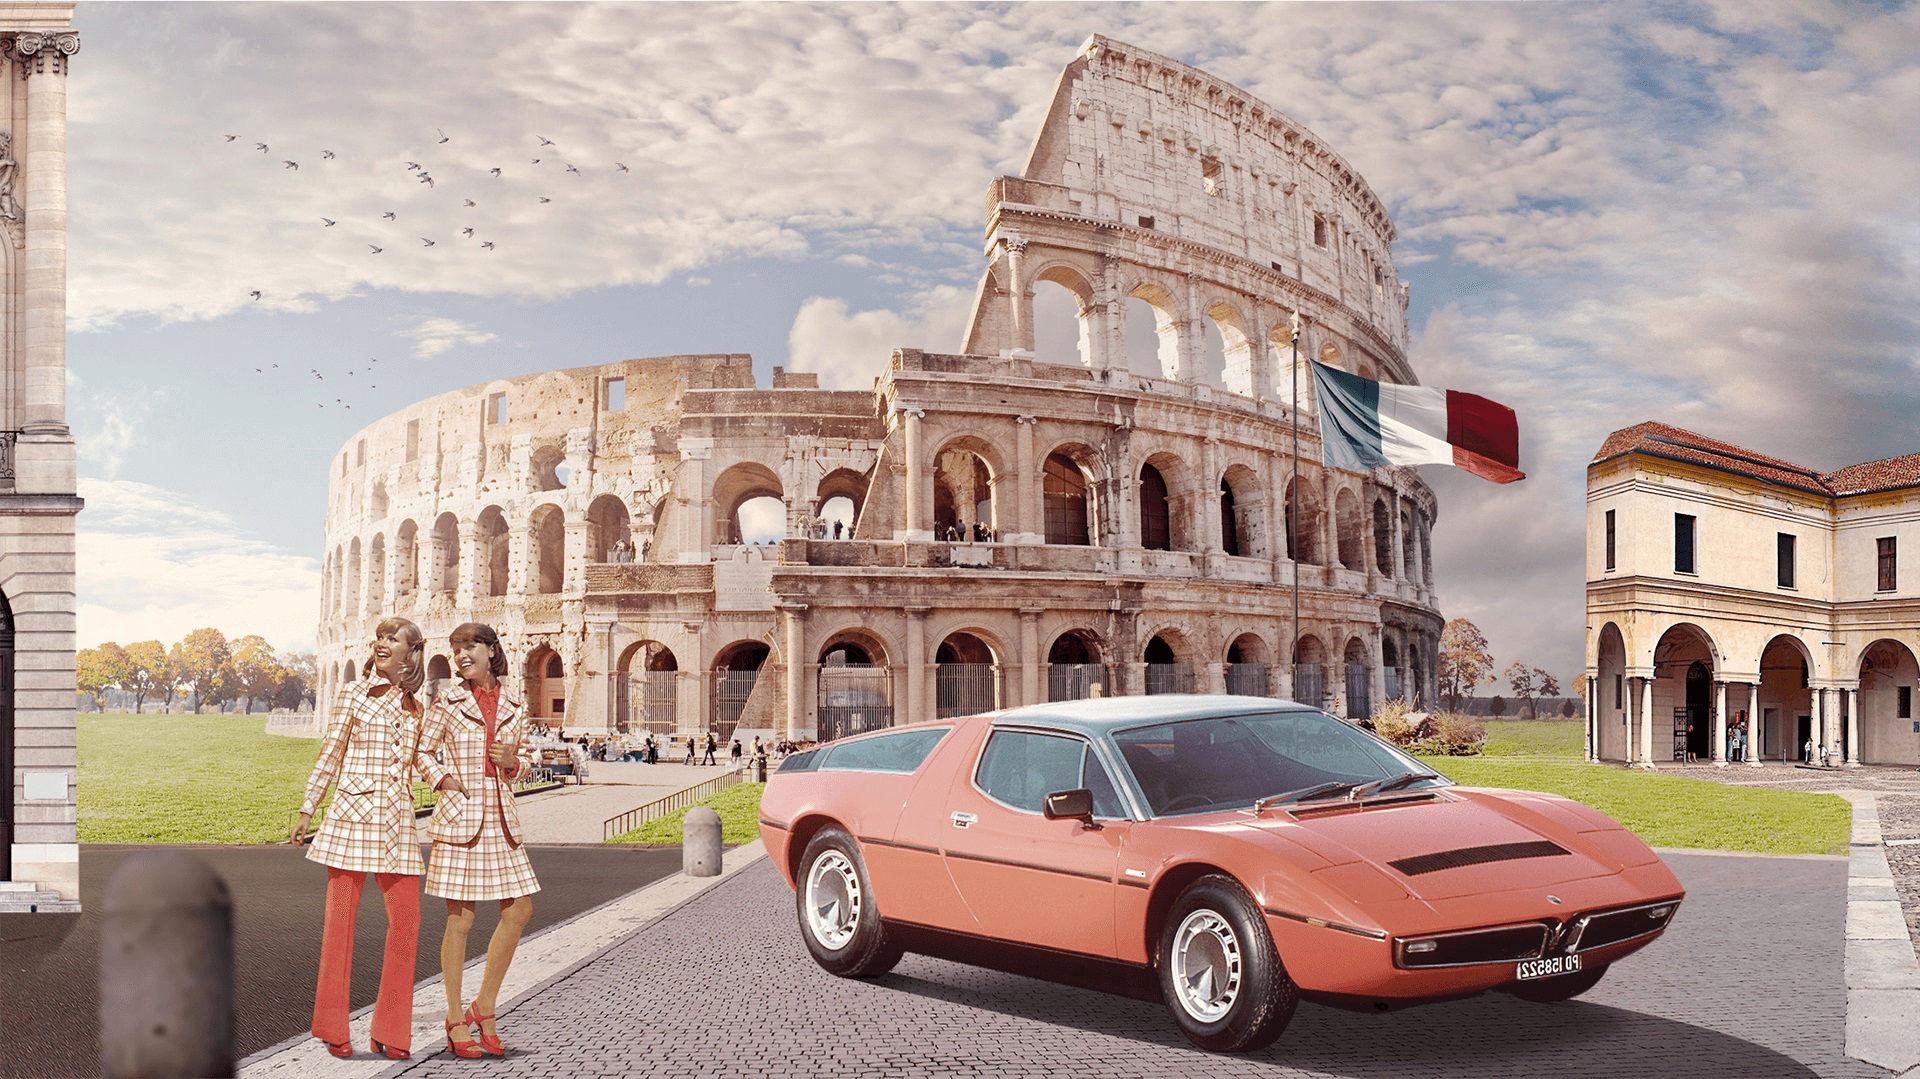 Storia di Maserati - 1970: Maserati Bora a Roma, davanti al Colosseo